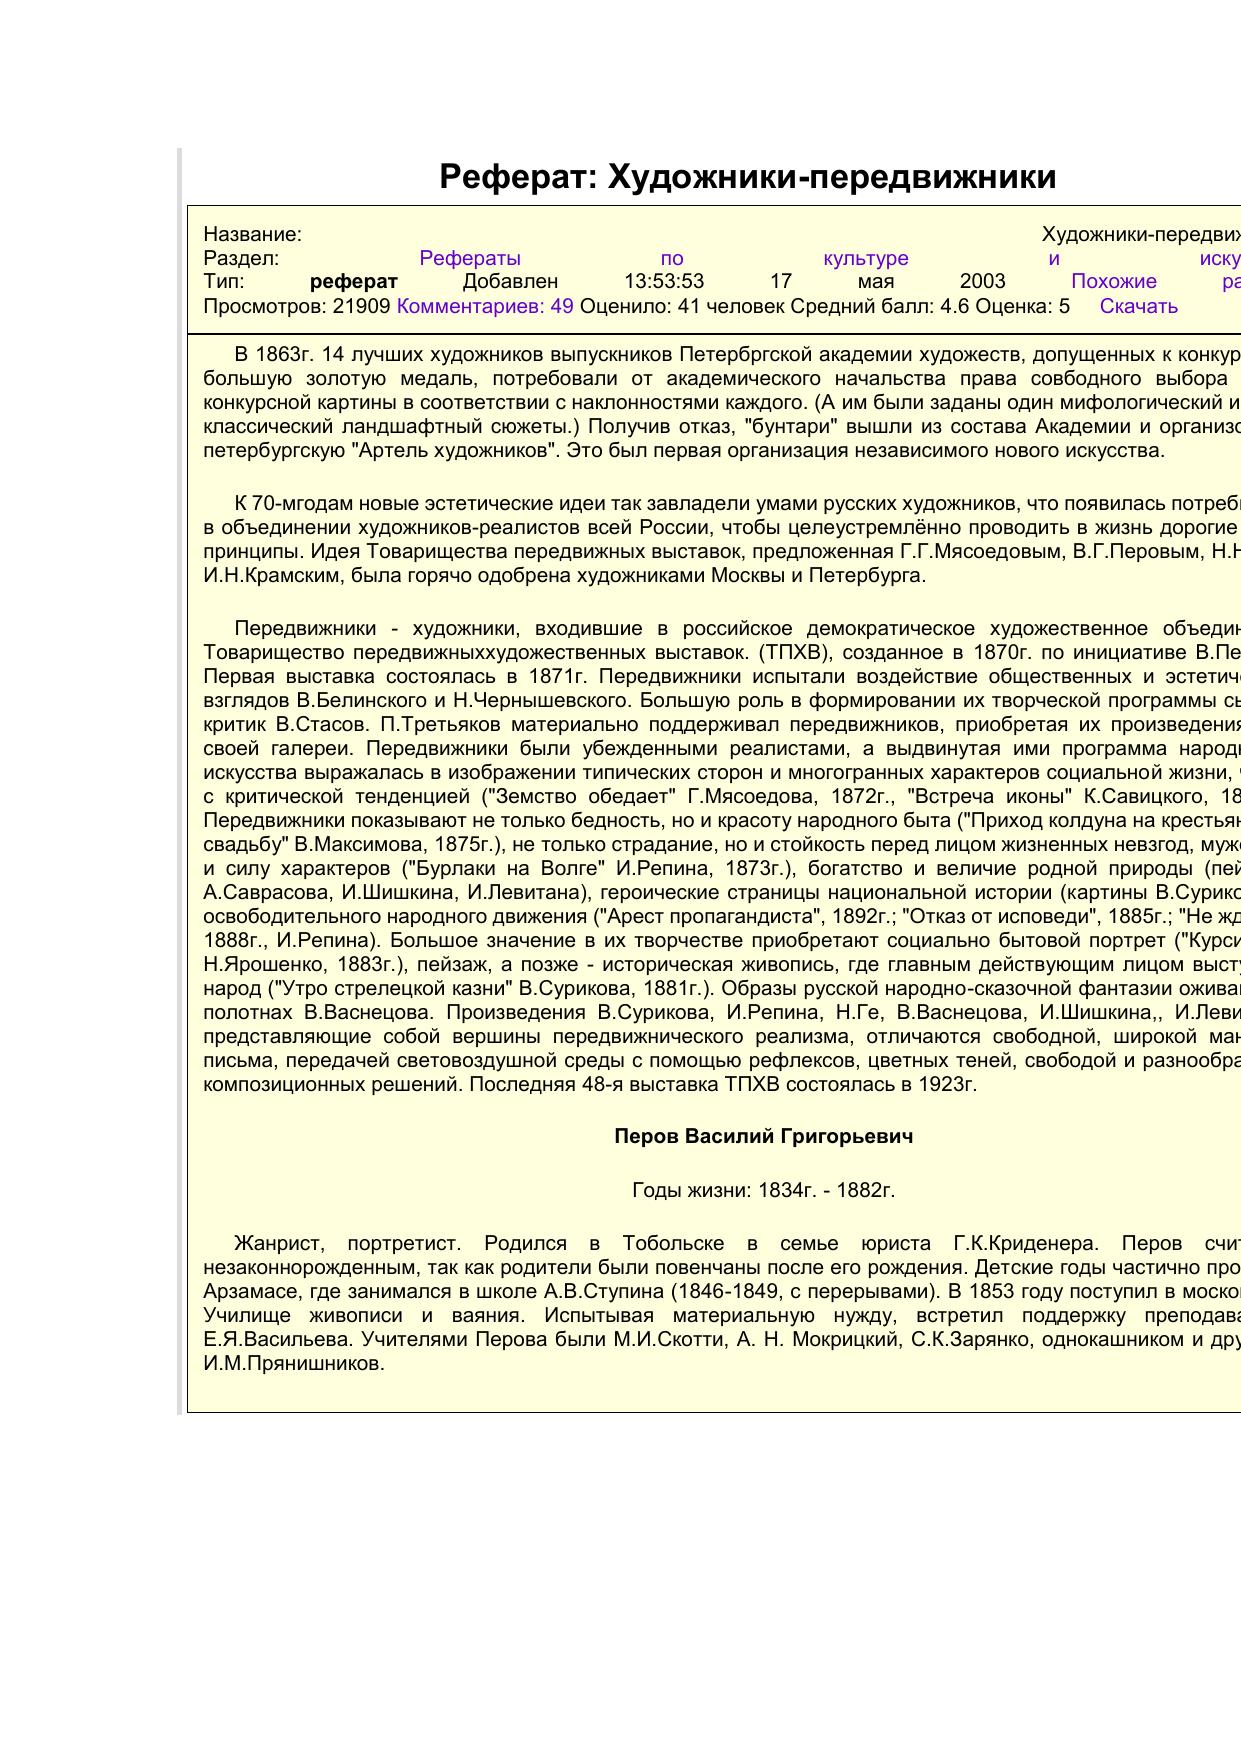 Эссе о художнике левитане 5830